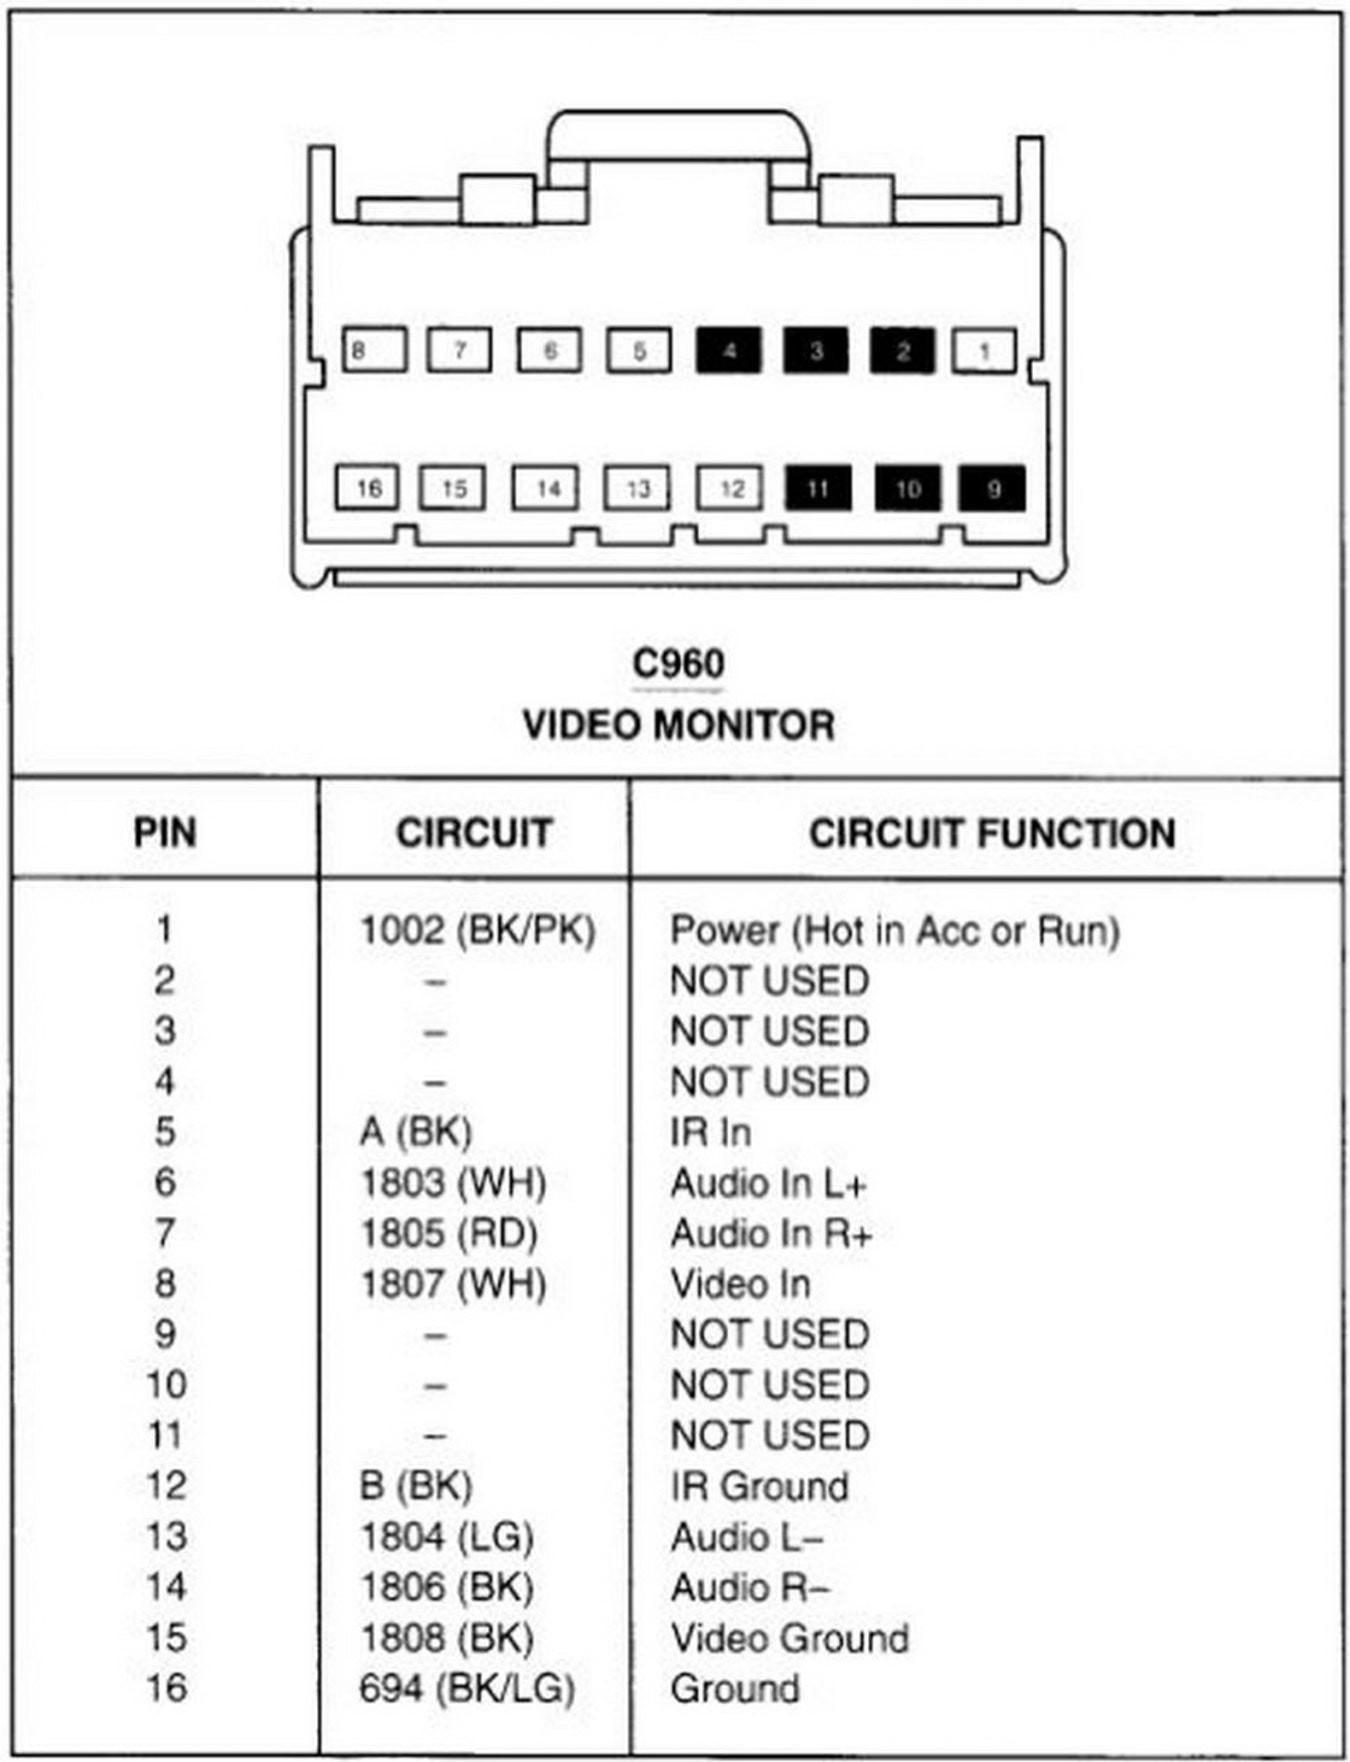 Kenwood Radio Wiring Diagram Awesome Kenwood Radio Wiring Diagram Everything You Need Of Kenwood Radio Wiring Diagram